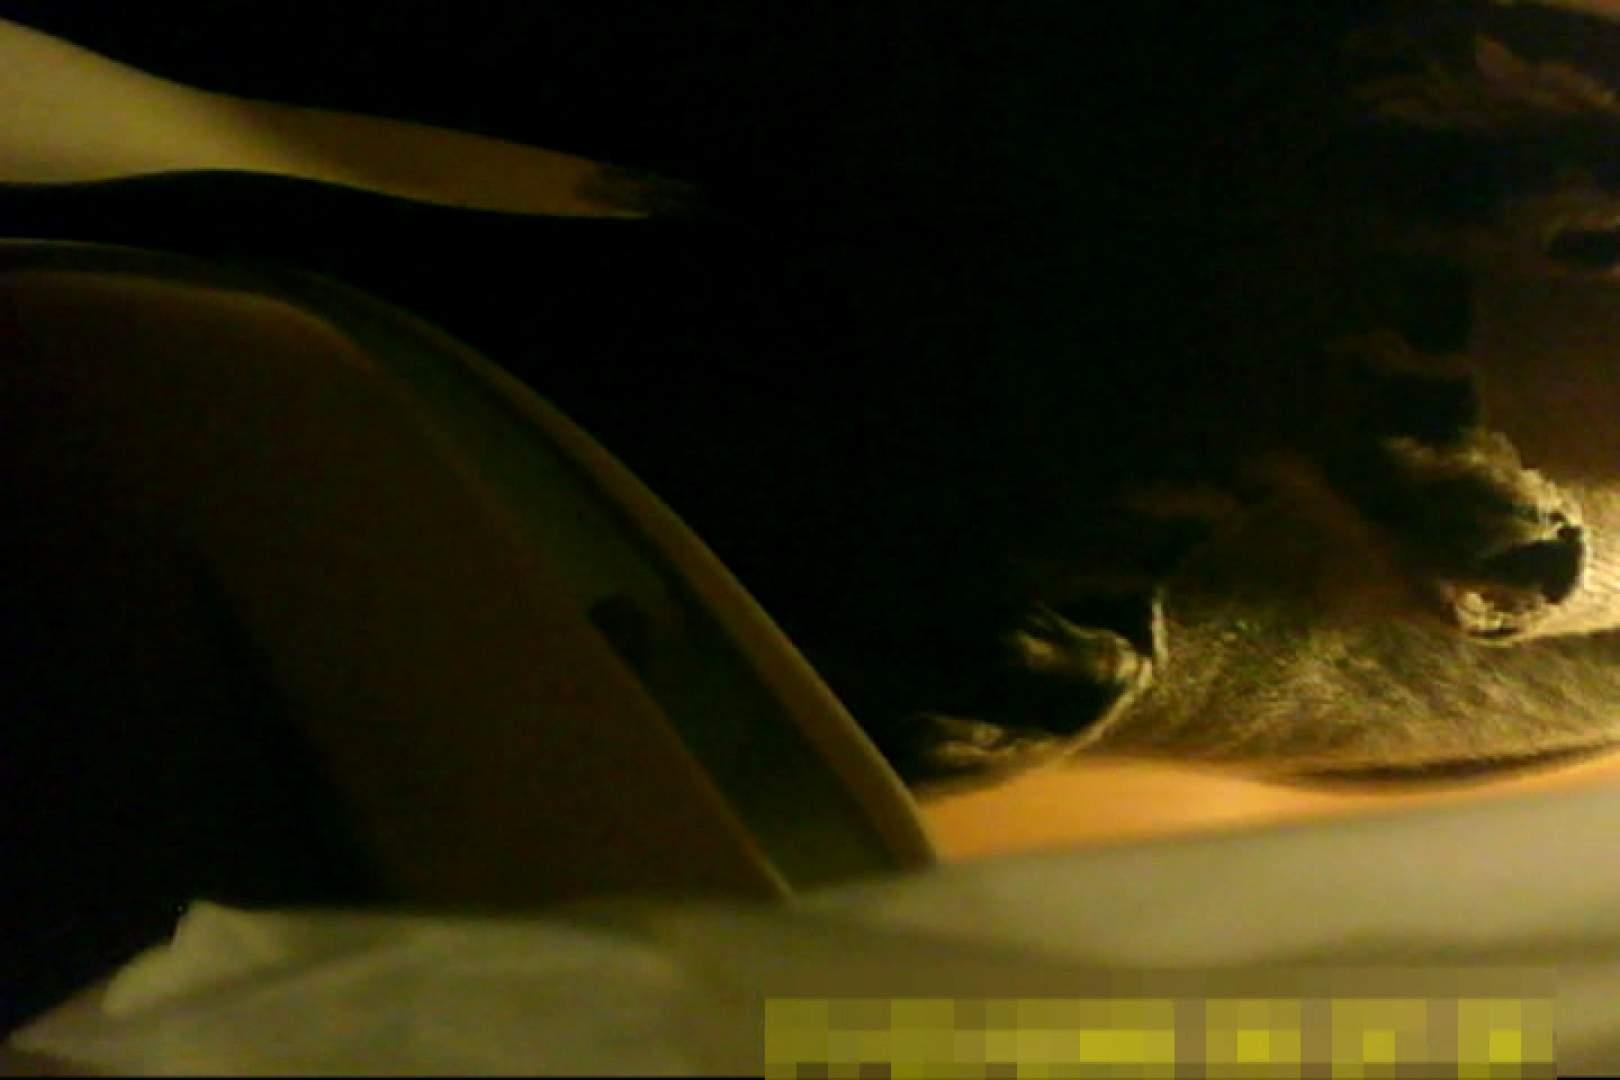 魅惑の化粧室~禁断のプライベート空間~vol.8 お尻 | 熟女のエロ生活  110連発 71